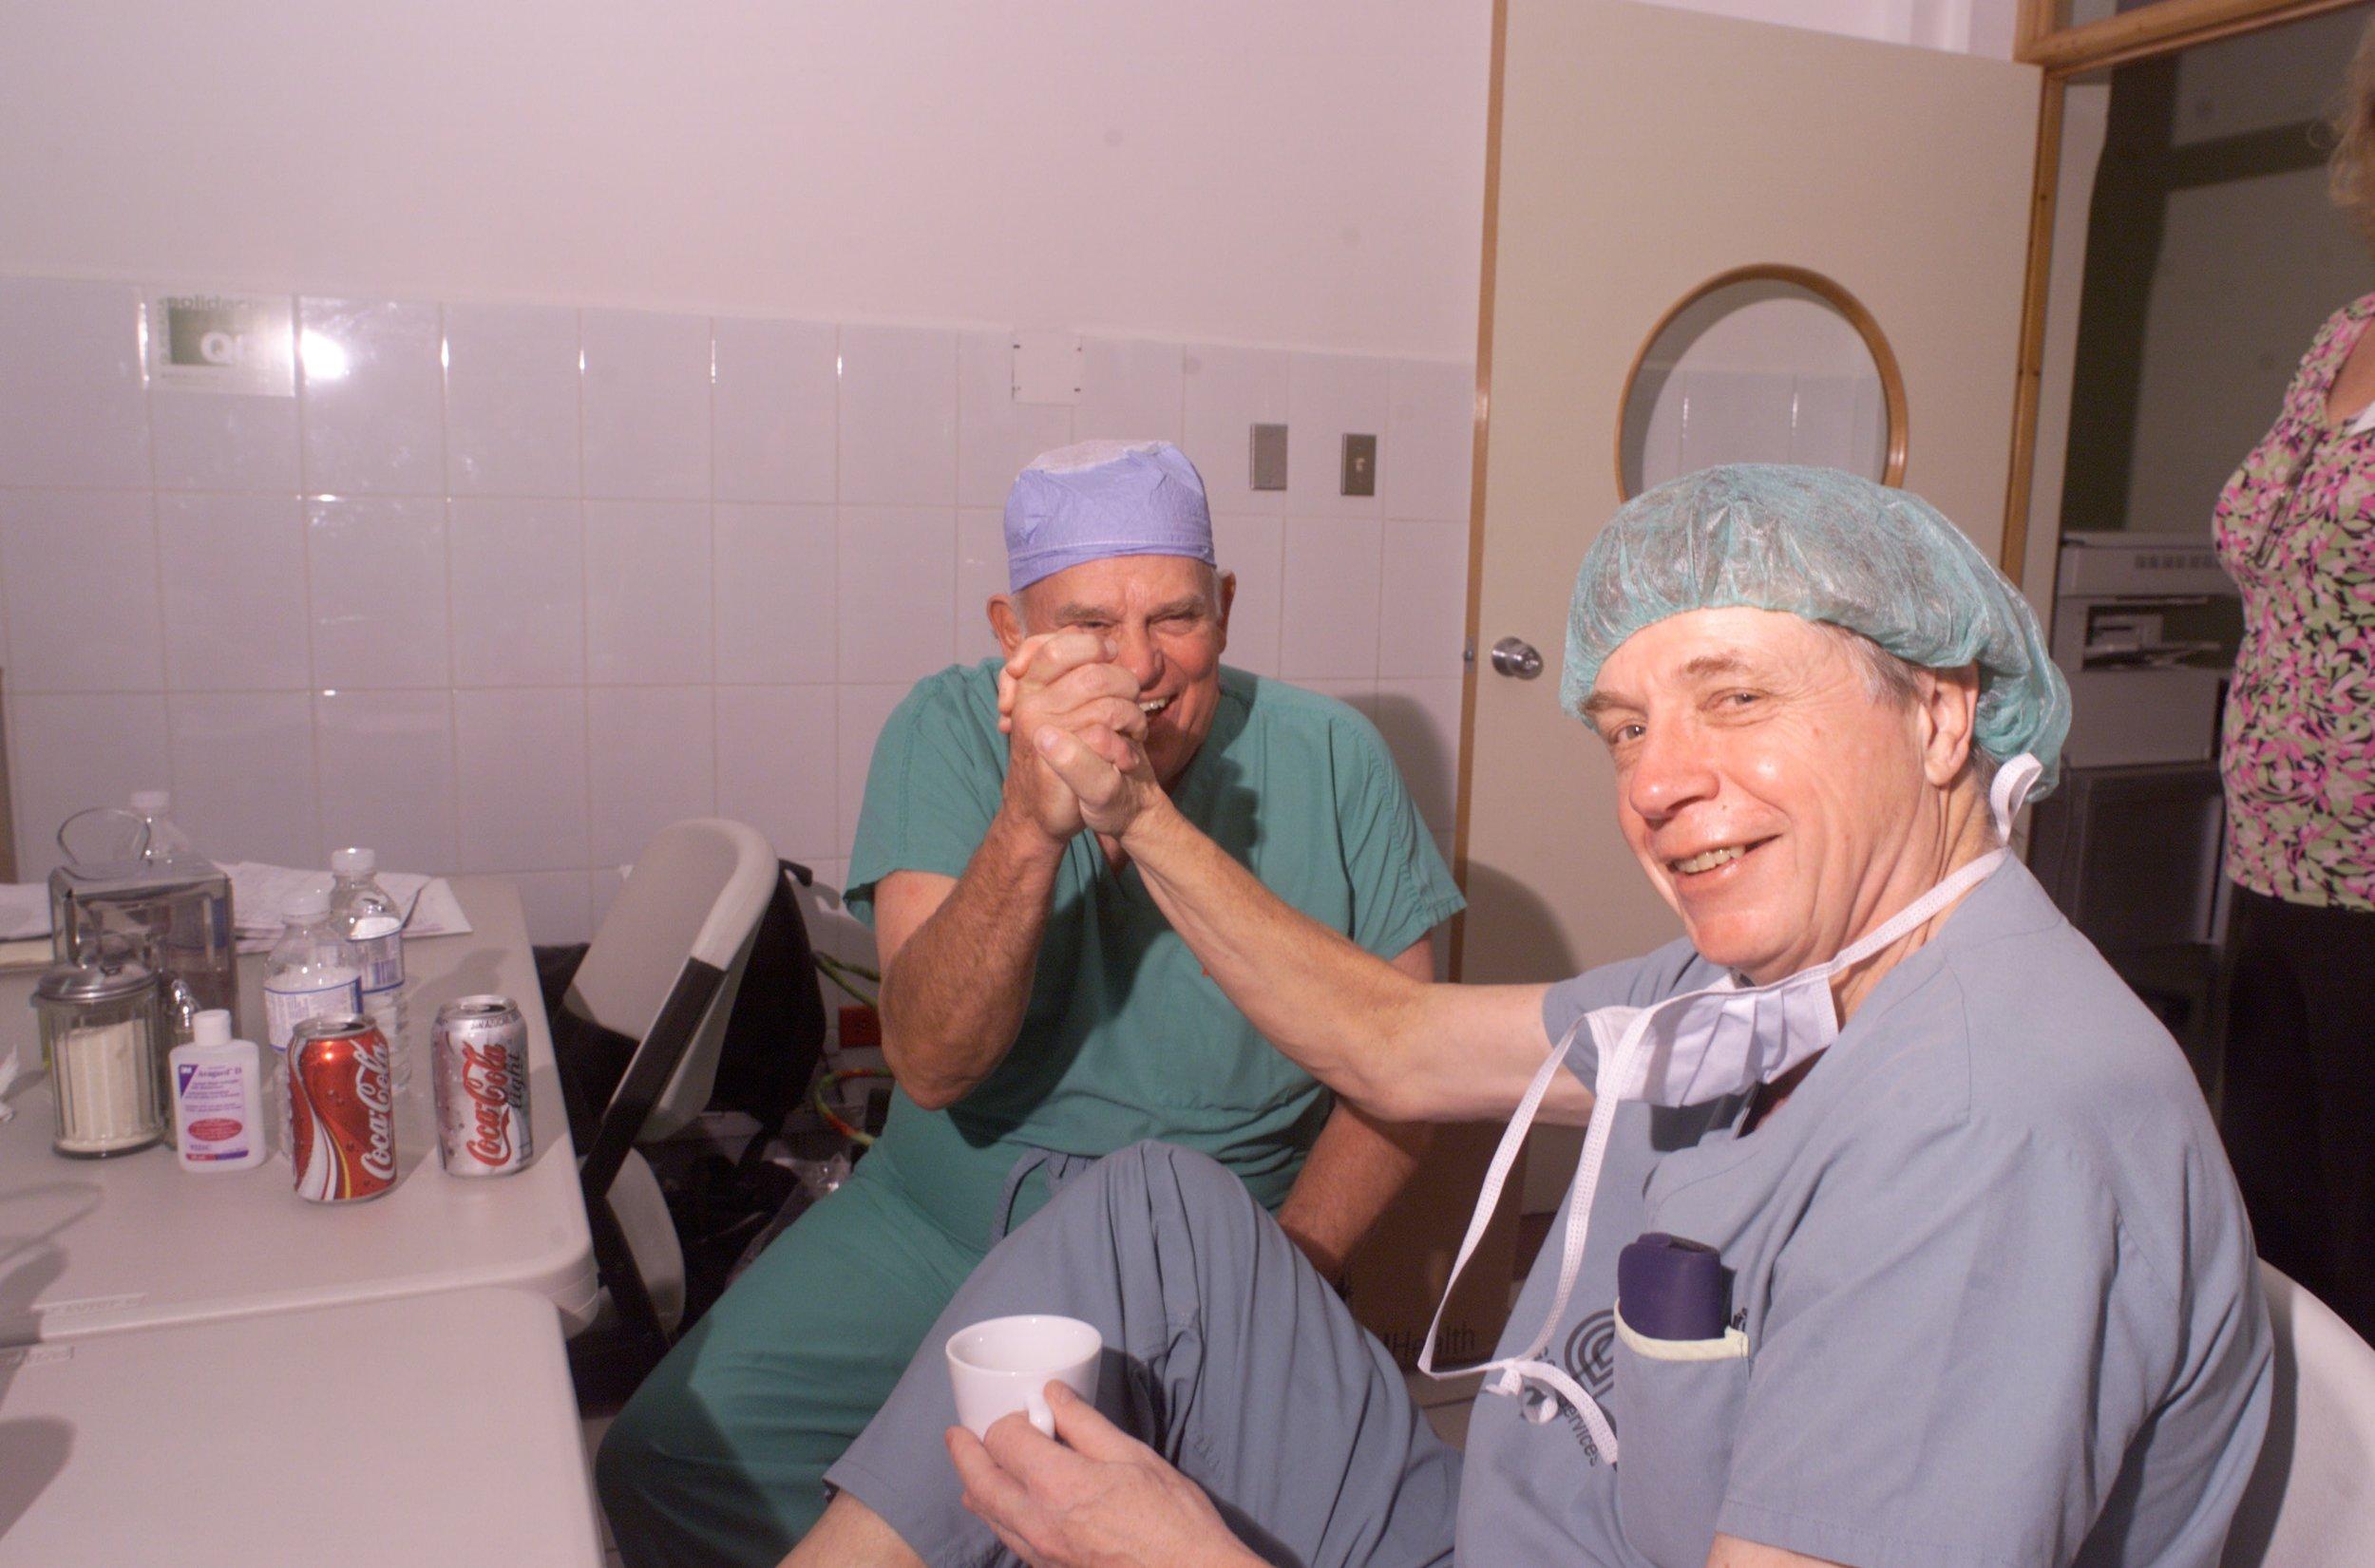 Dr.Dorr_Dr.Rorabeck.JPG